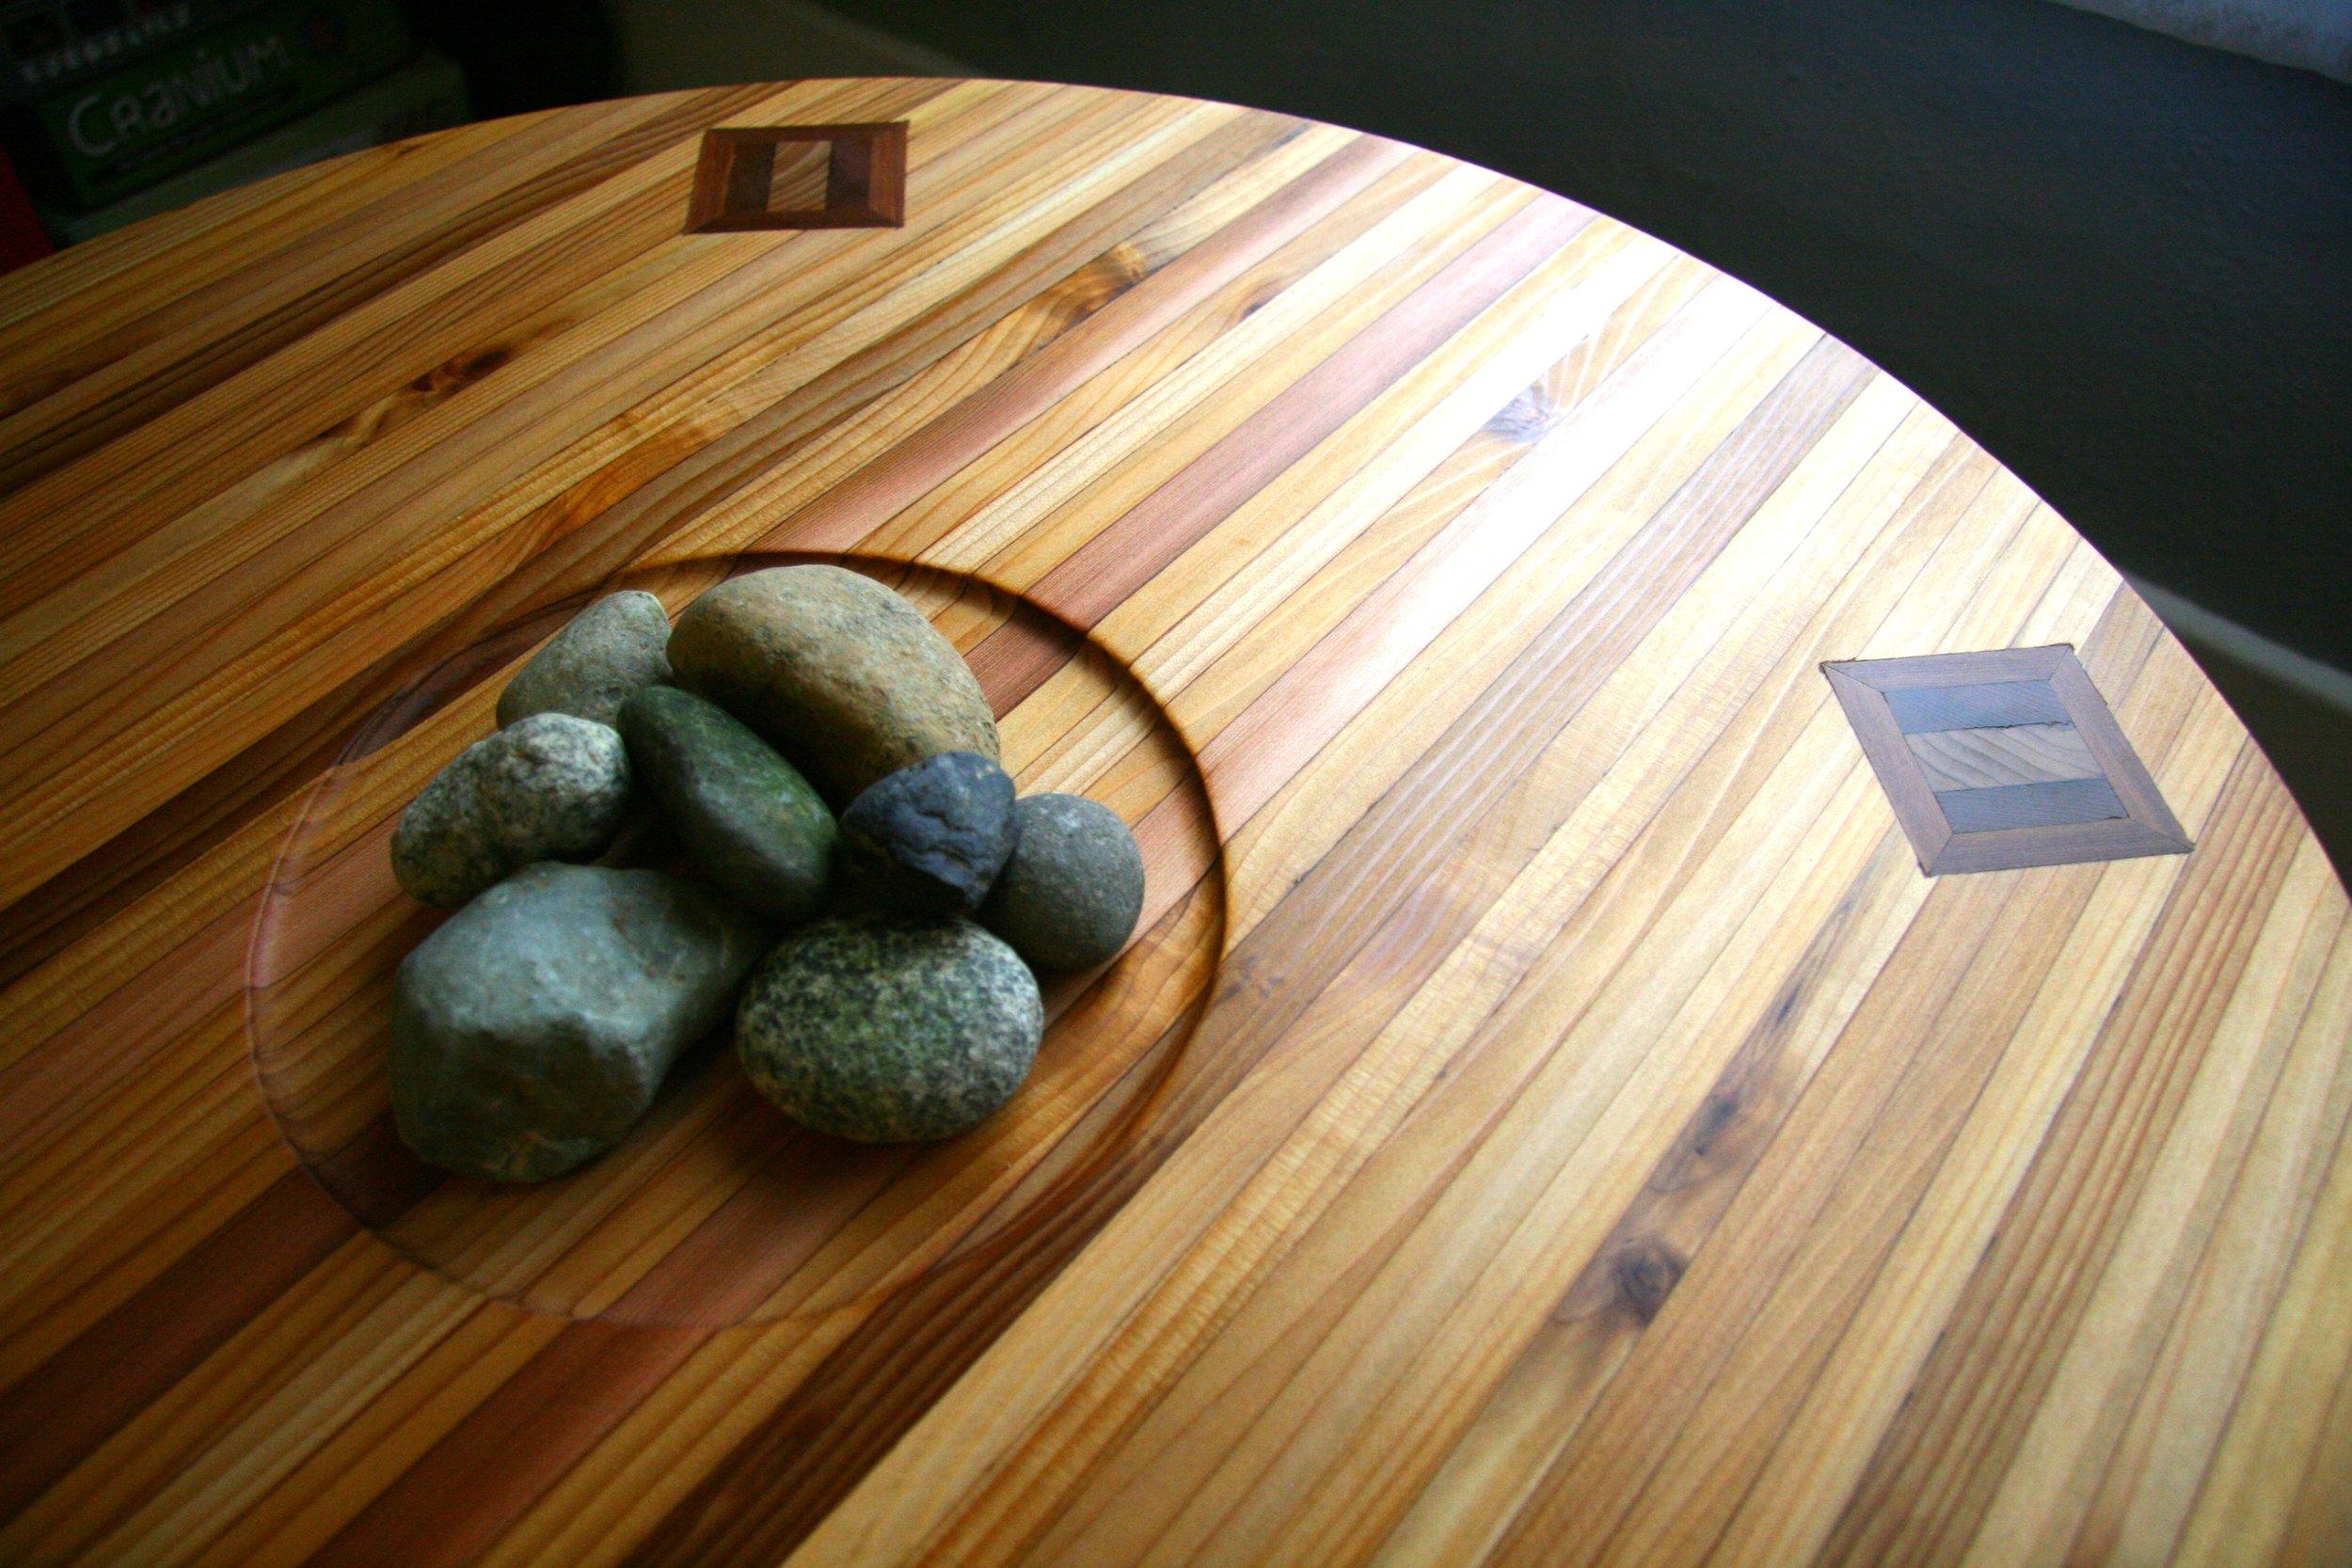 insideoutside-round-table_8619021339_o.jpg